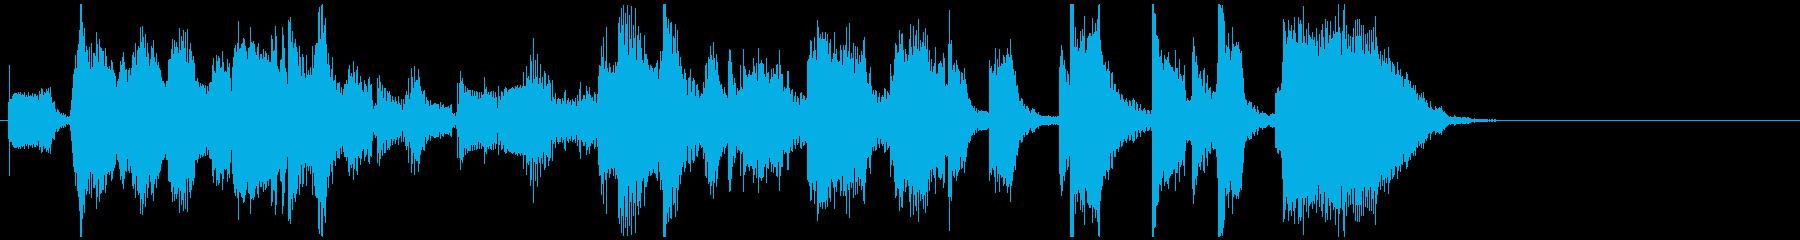 ノリ良く明るいオルガンジャズのジングルの再生済みの波形